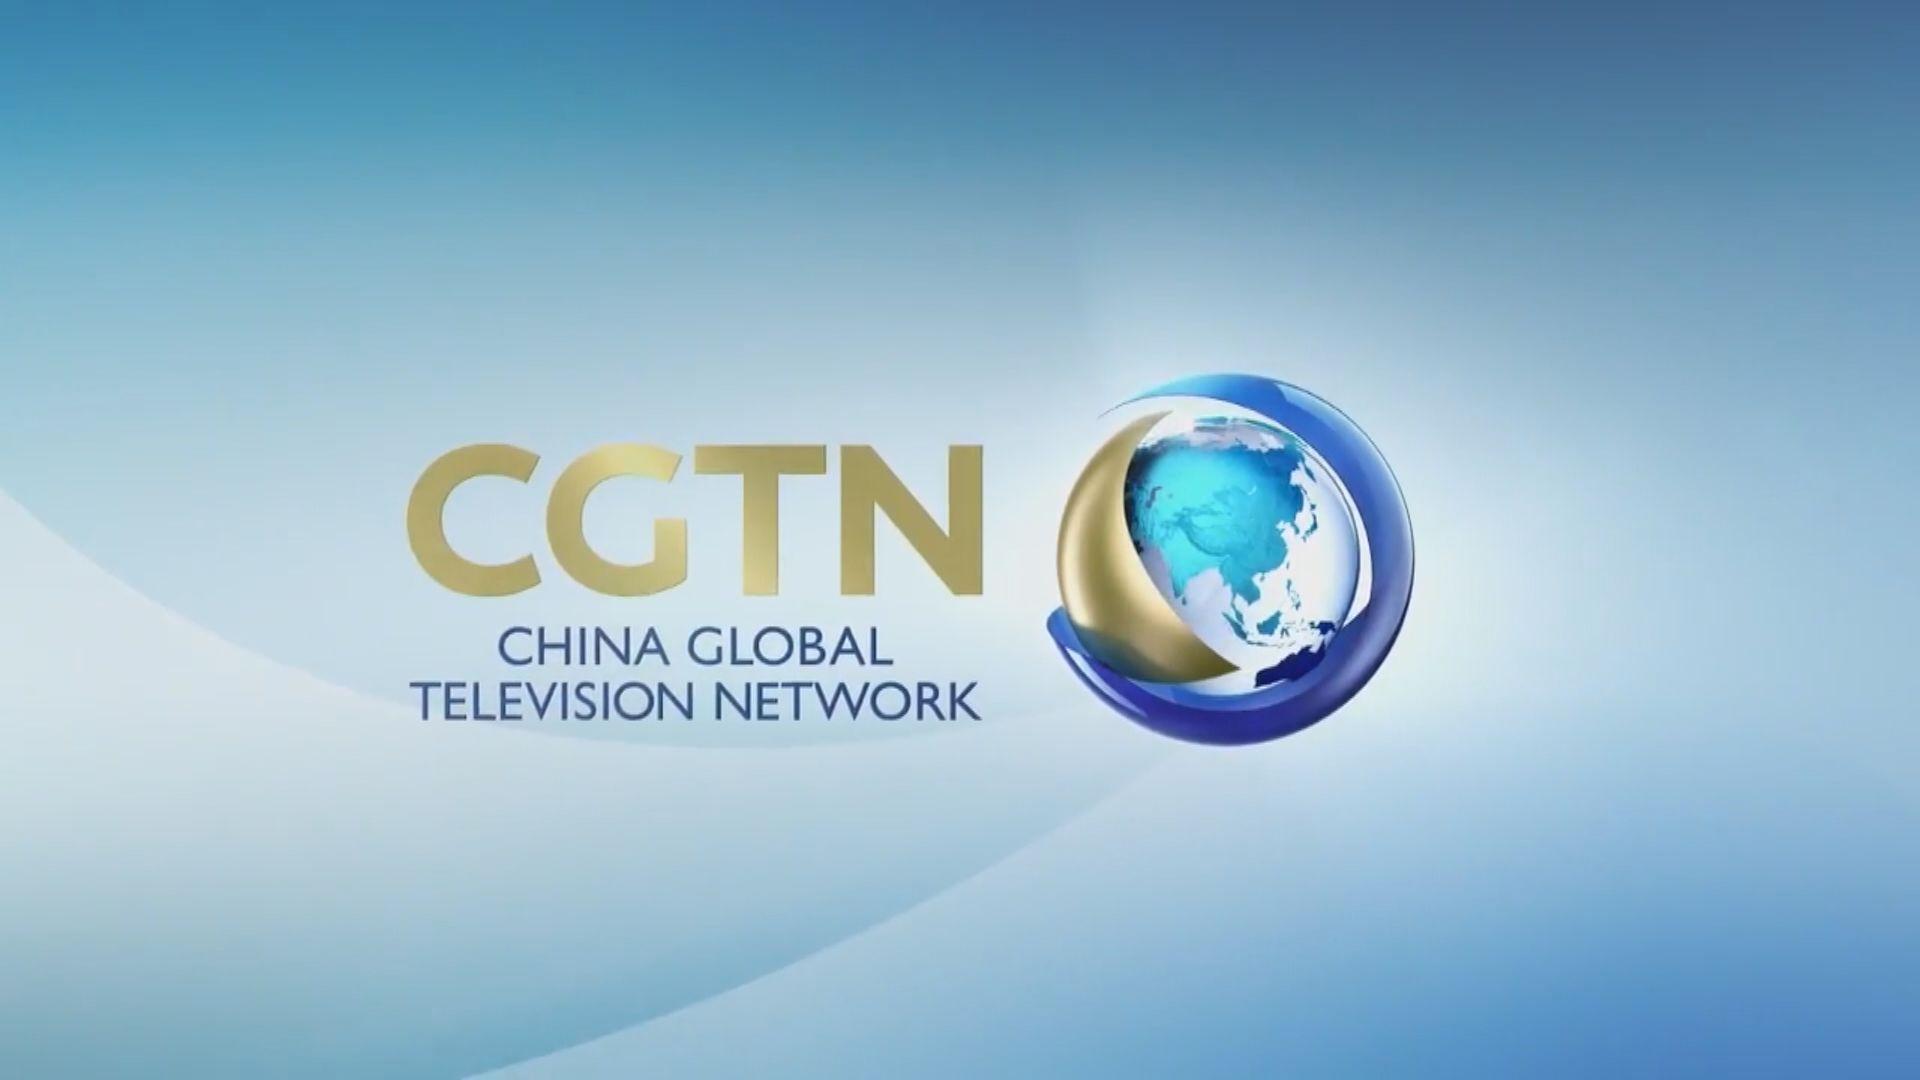 英國指CGTN違反廣播條例罰款22.5萬鎊